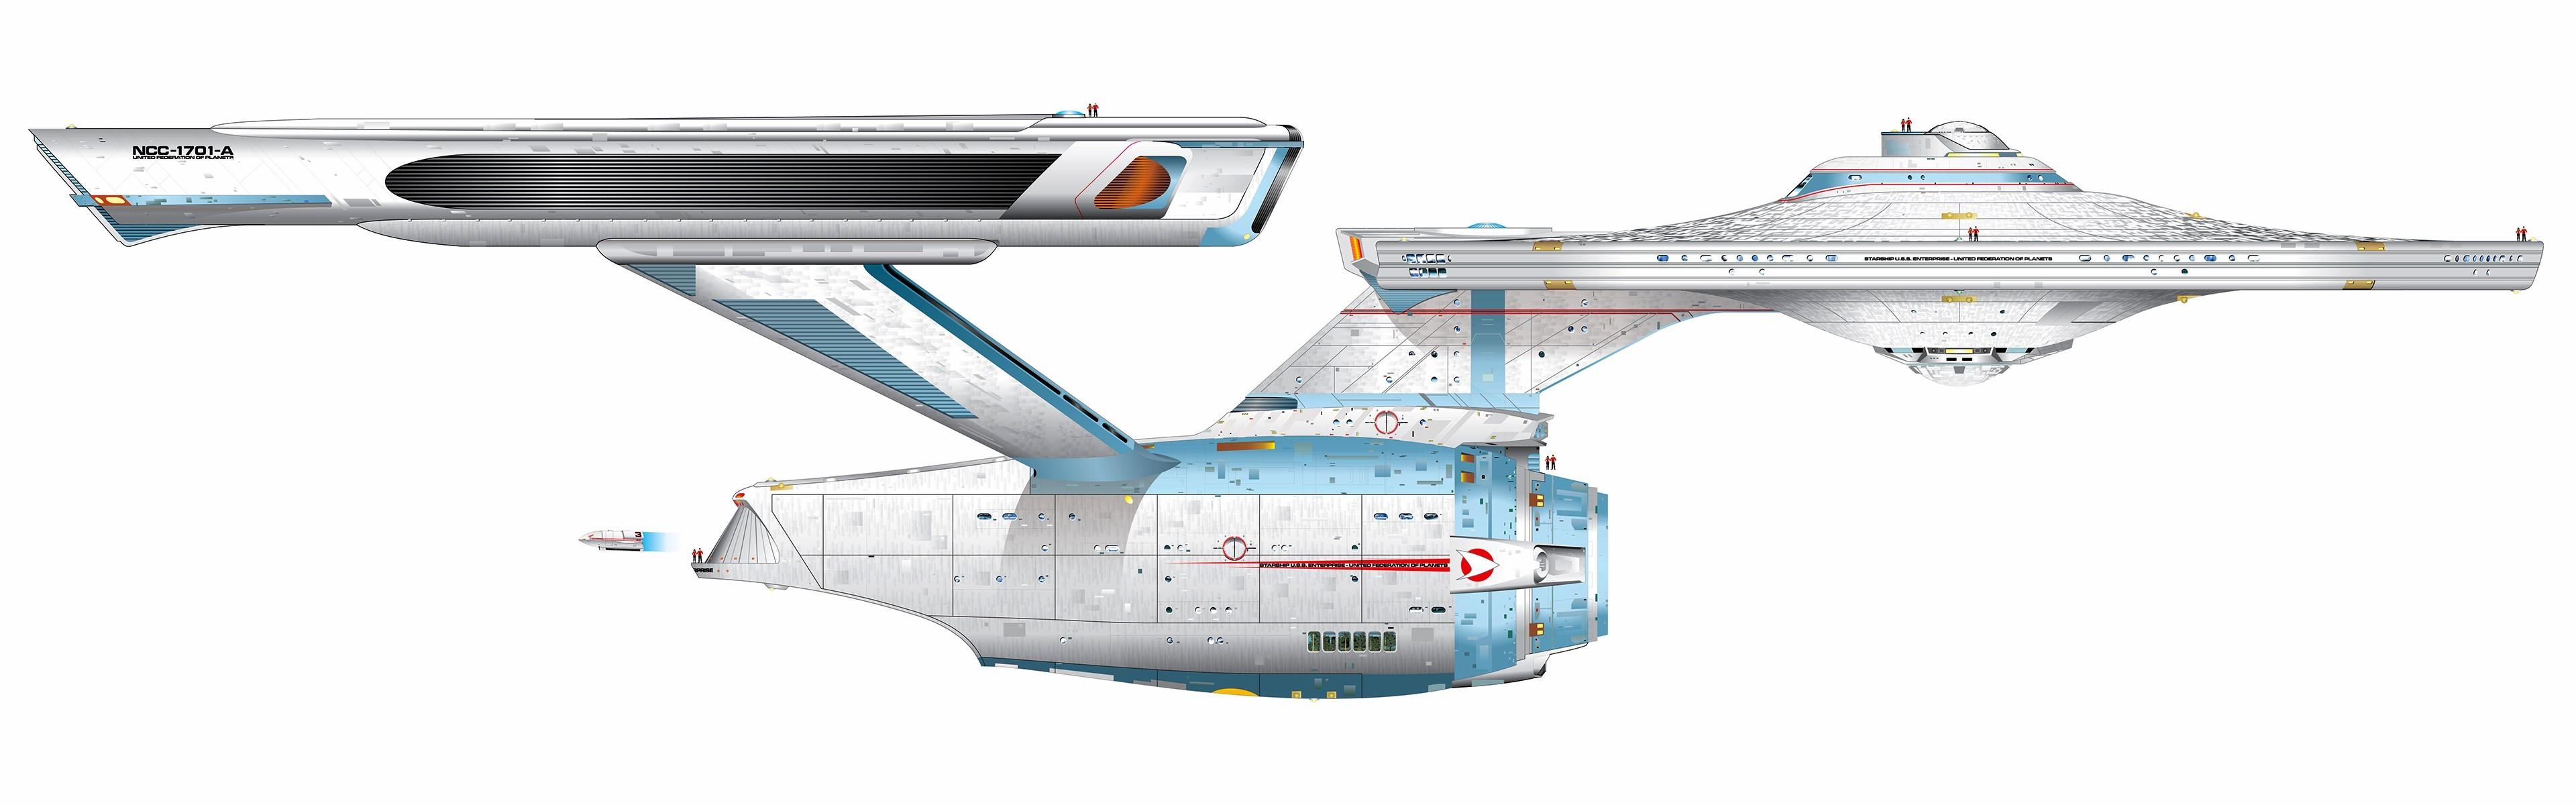 General Star Trek USS Enterprise (spaceship) multiple display  simple background dual monitors